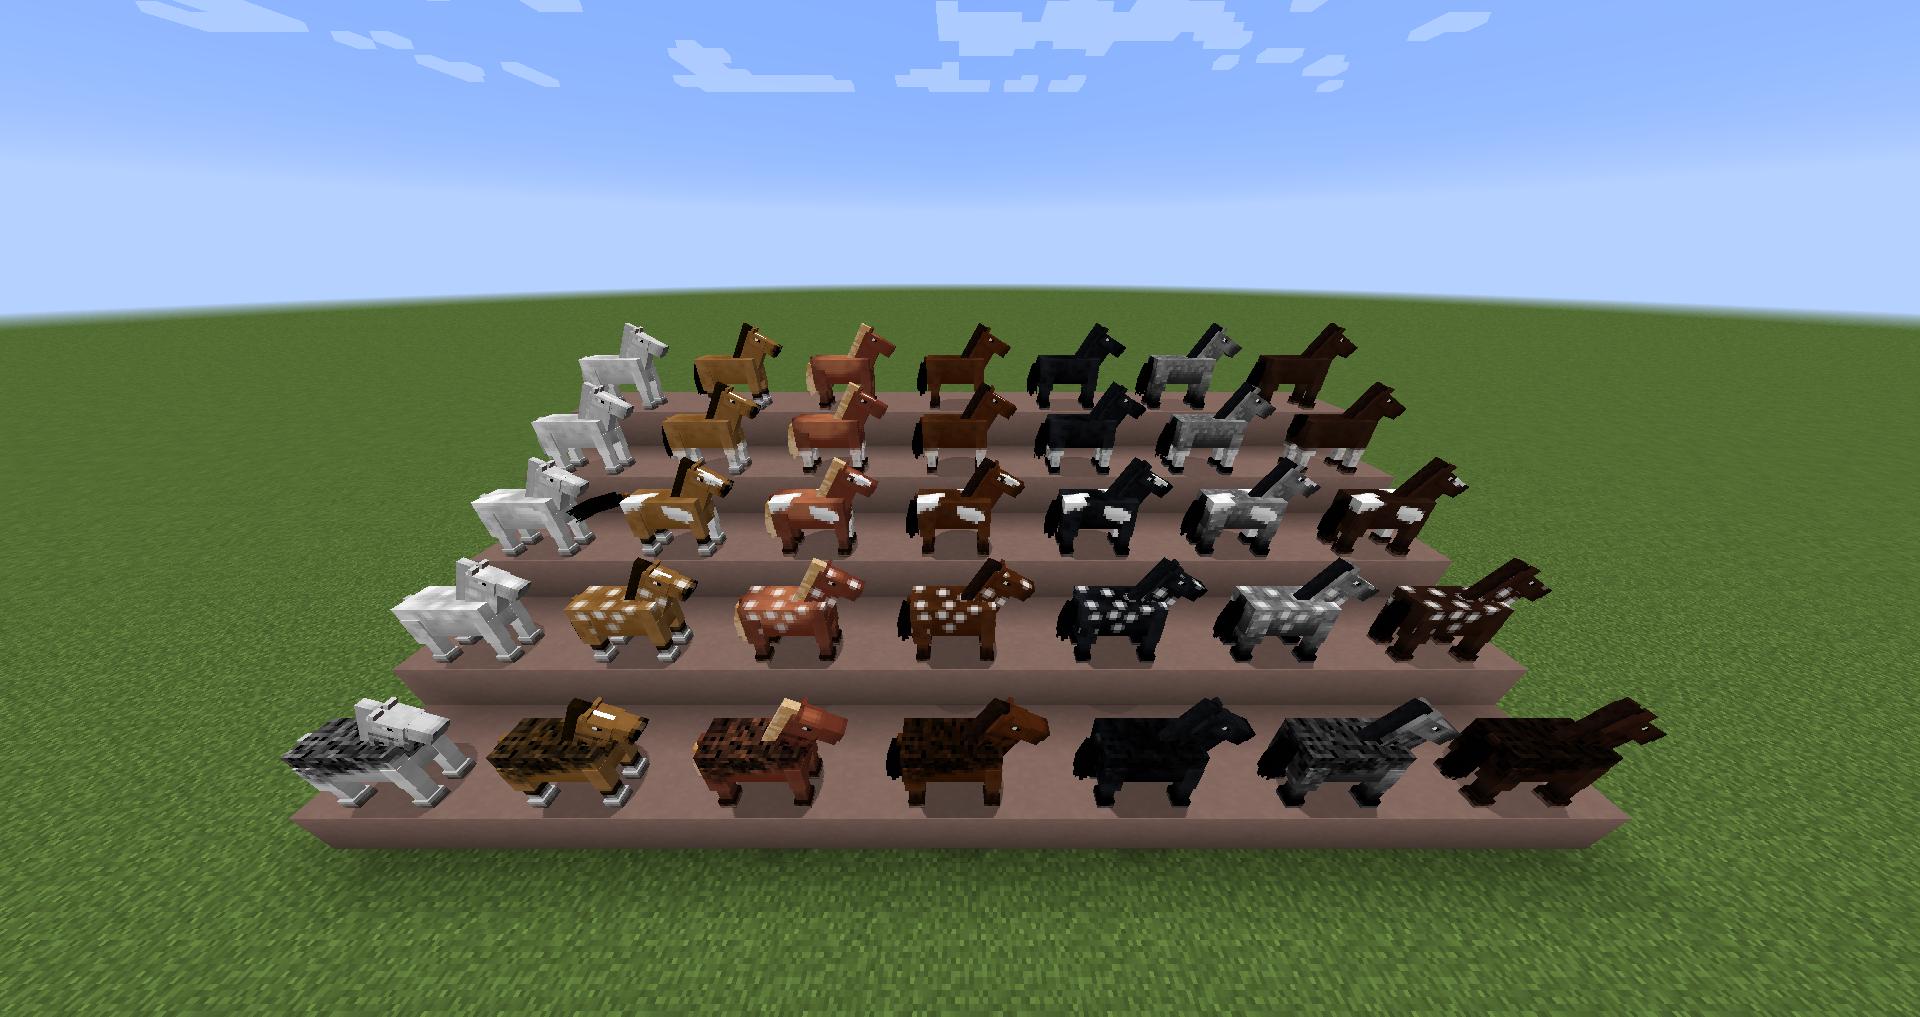 Llama Official Minecraft Wiki Minecraft Minecraft Blueprints Minecraft Crafts